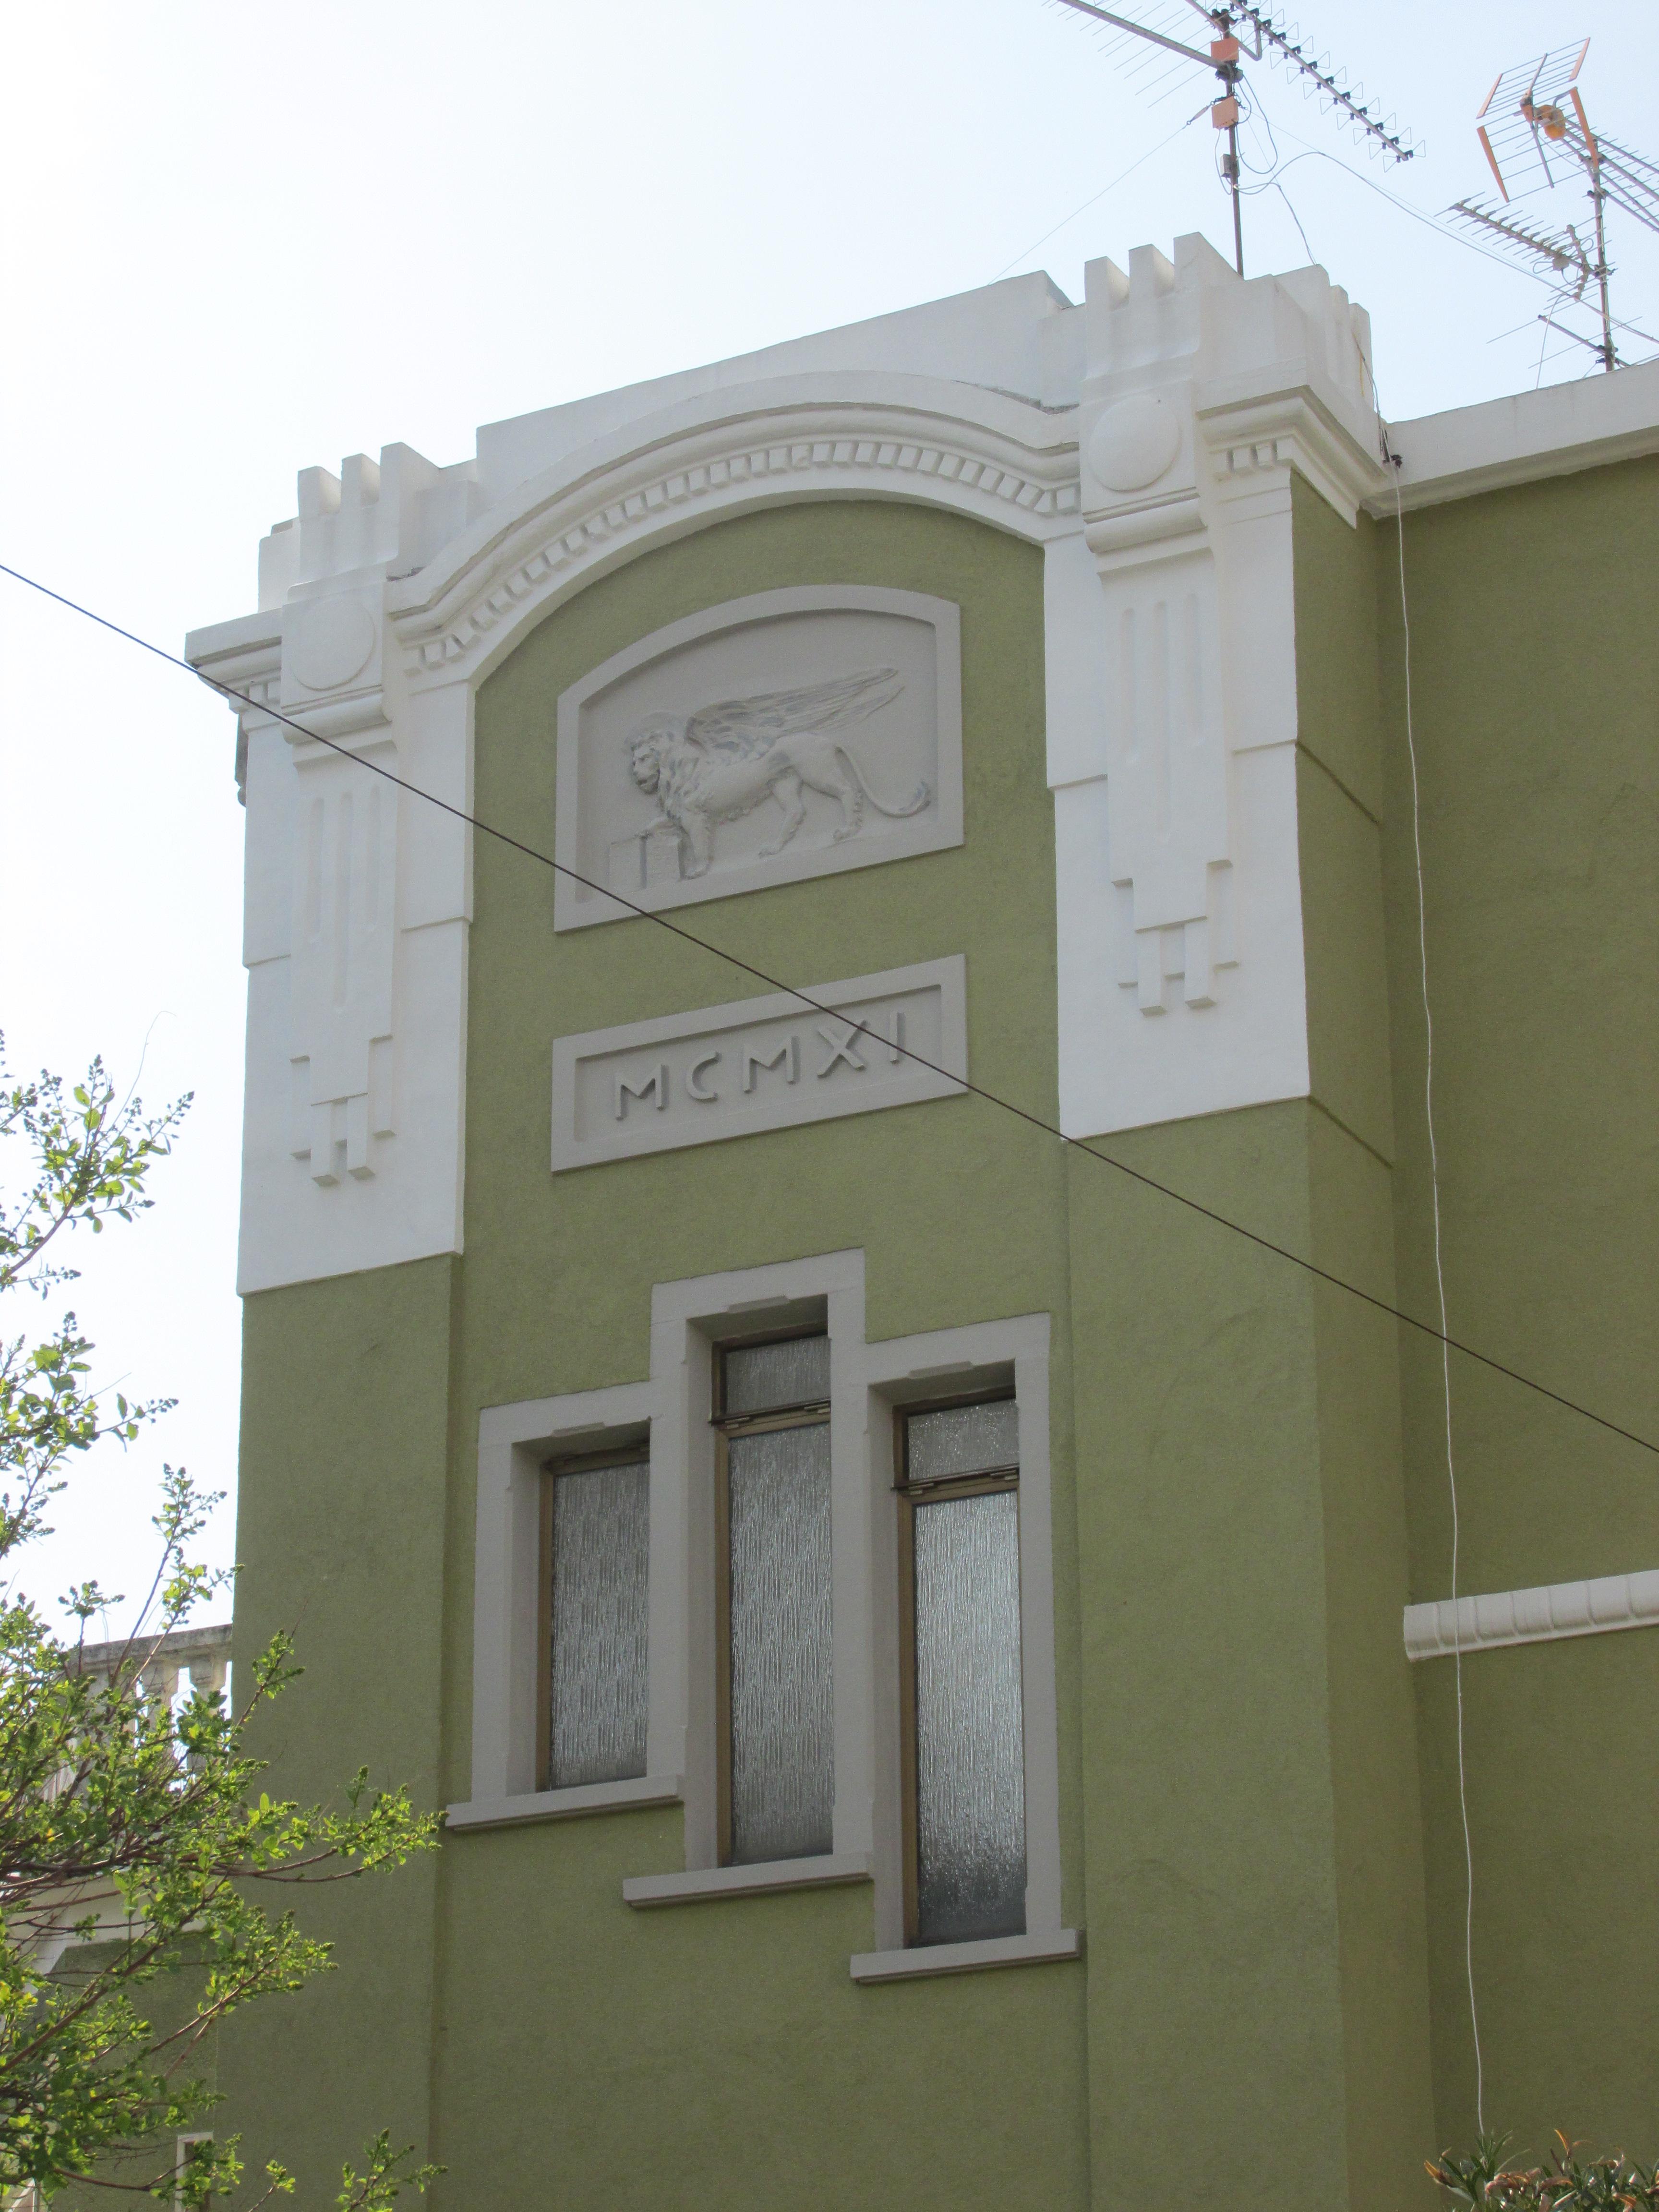 Cpi general contractor monfalcone restauro fregi for Fregi decorativi